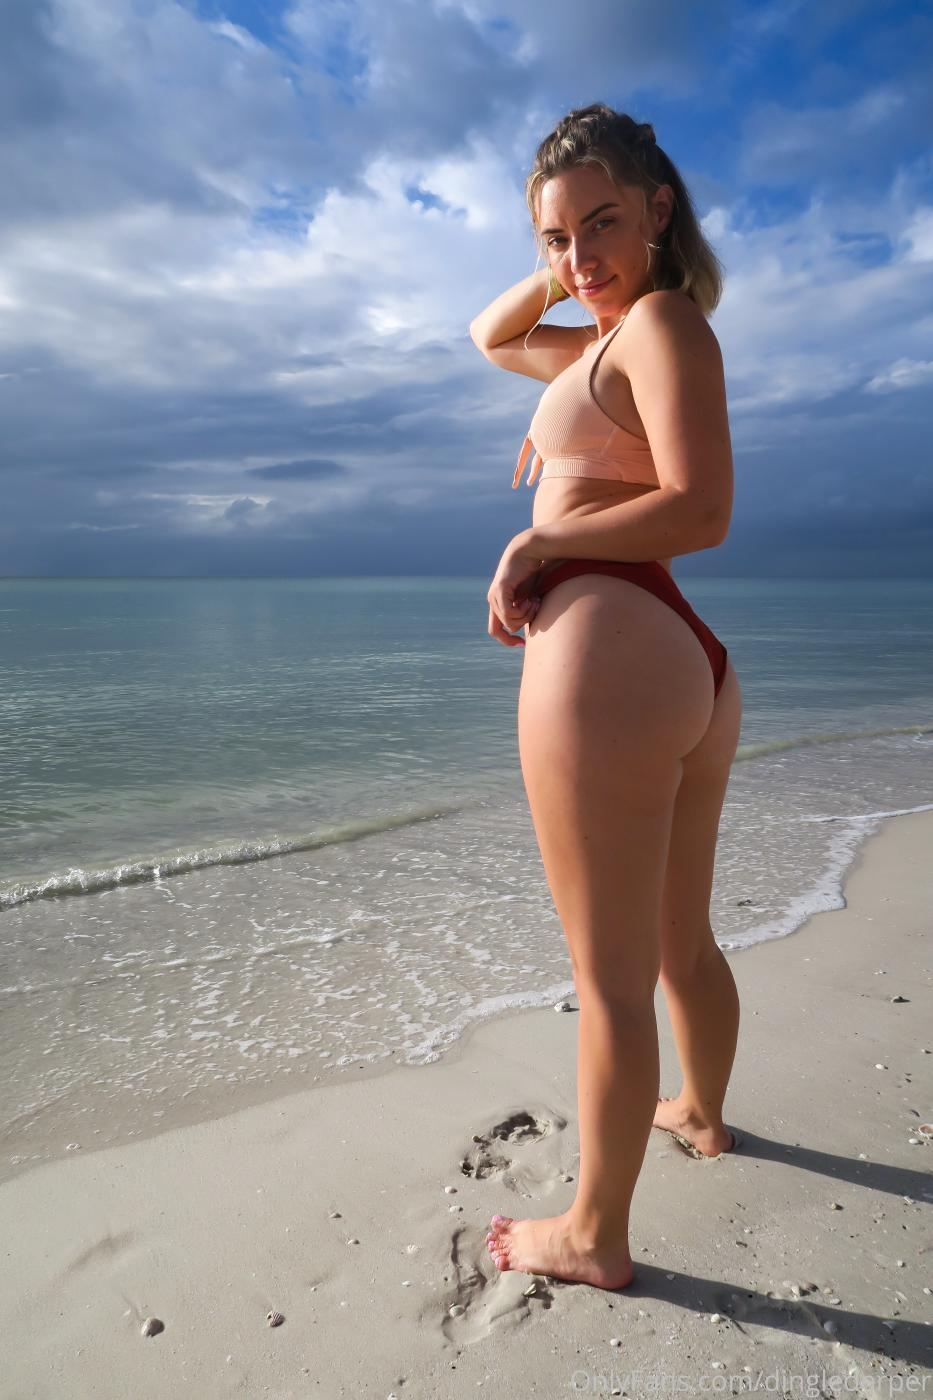 Dinglederper Beach Onlyfans Set Leaked 0017